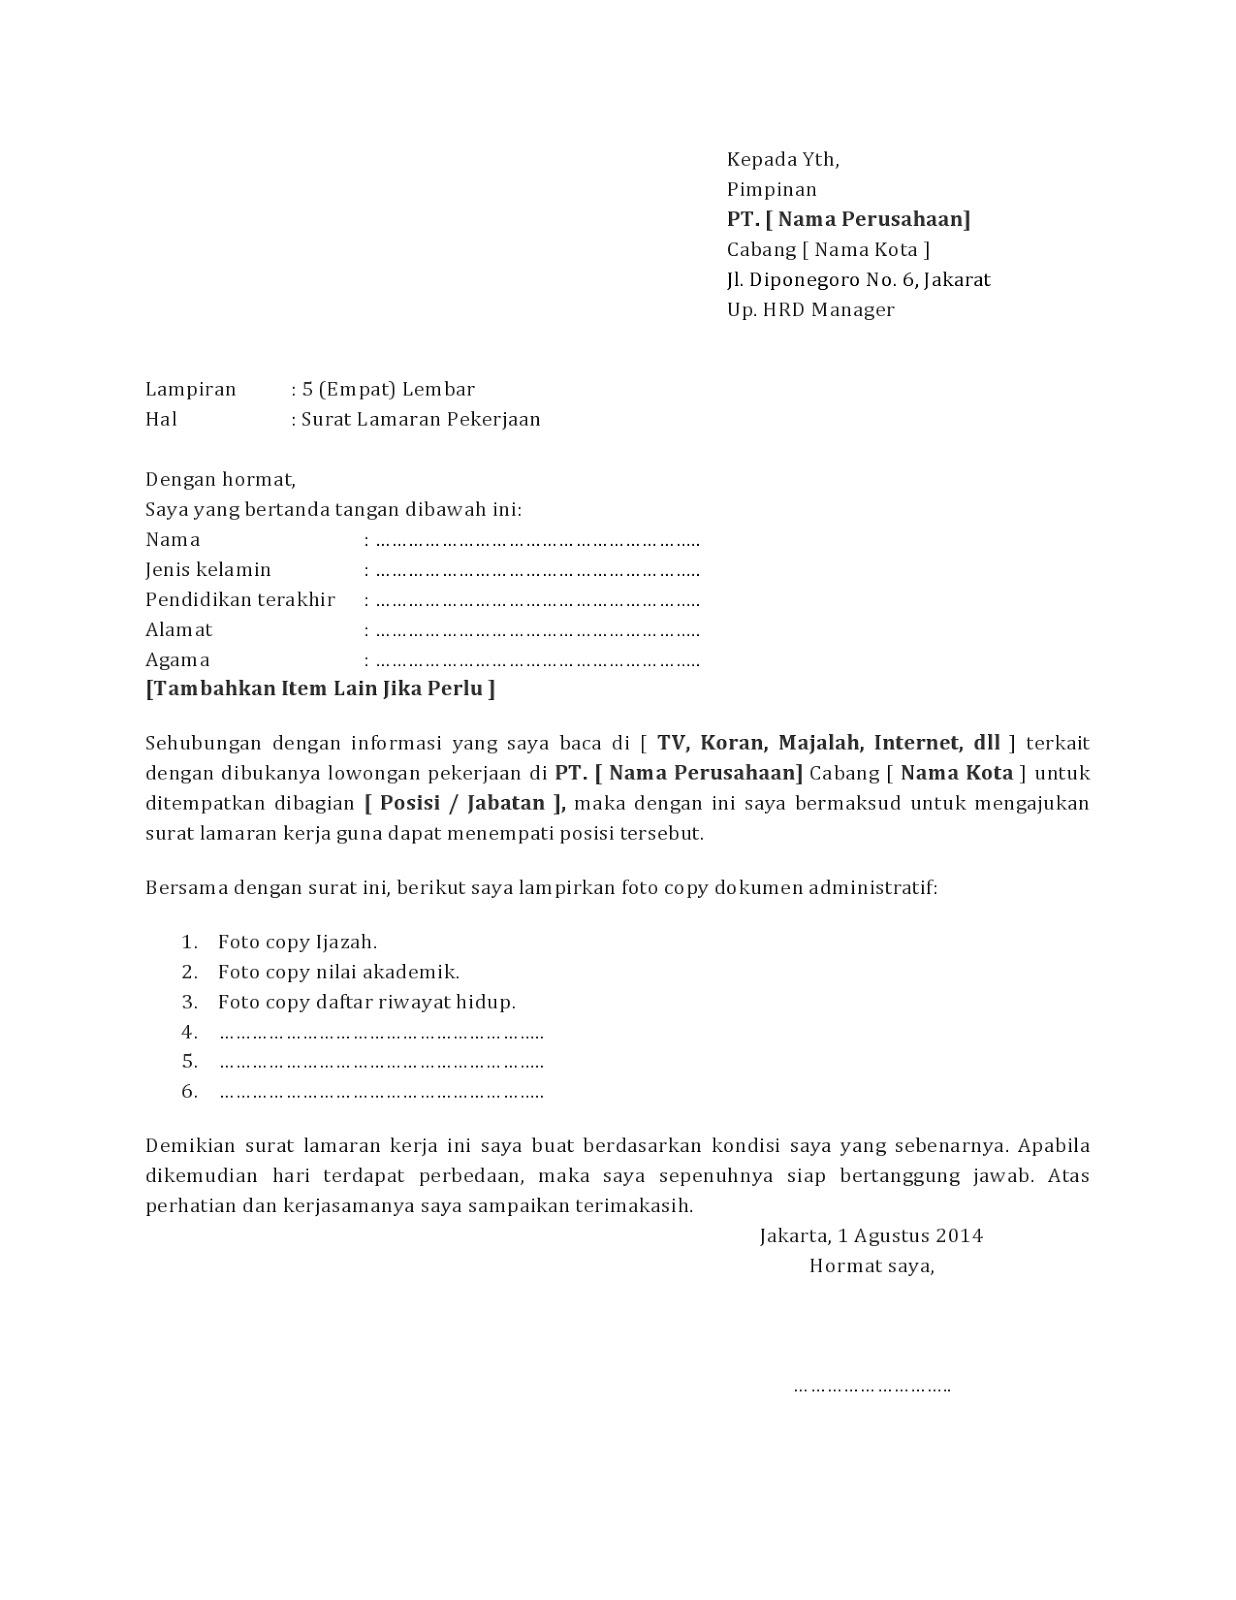 TerLengkap Kumpulan Contoh Surat Lamaran Kerja yang Baik dan Benar